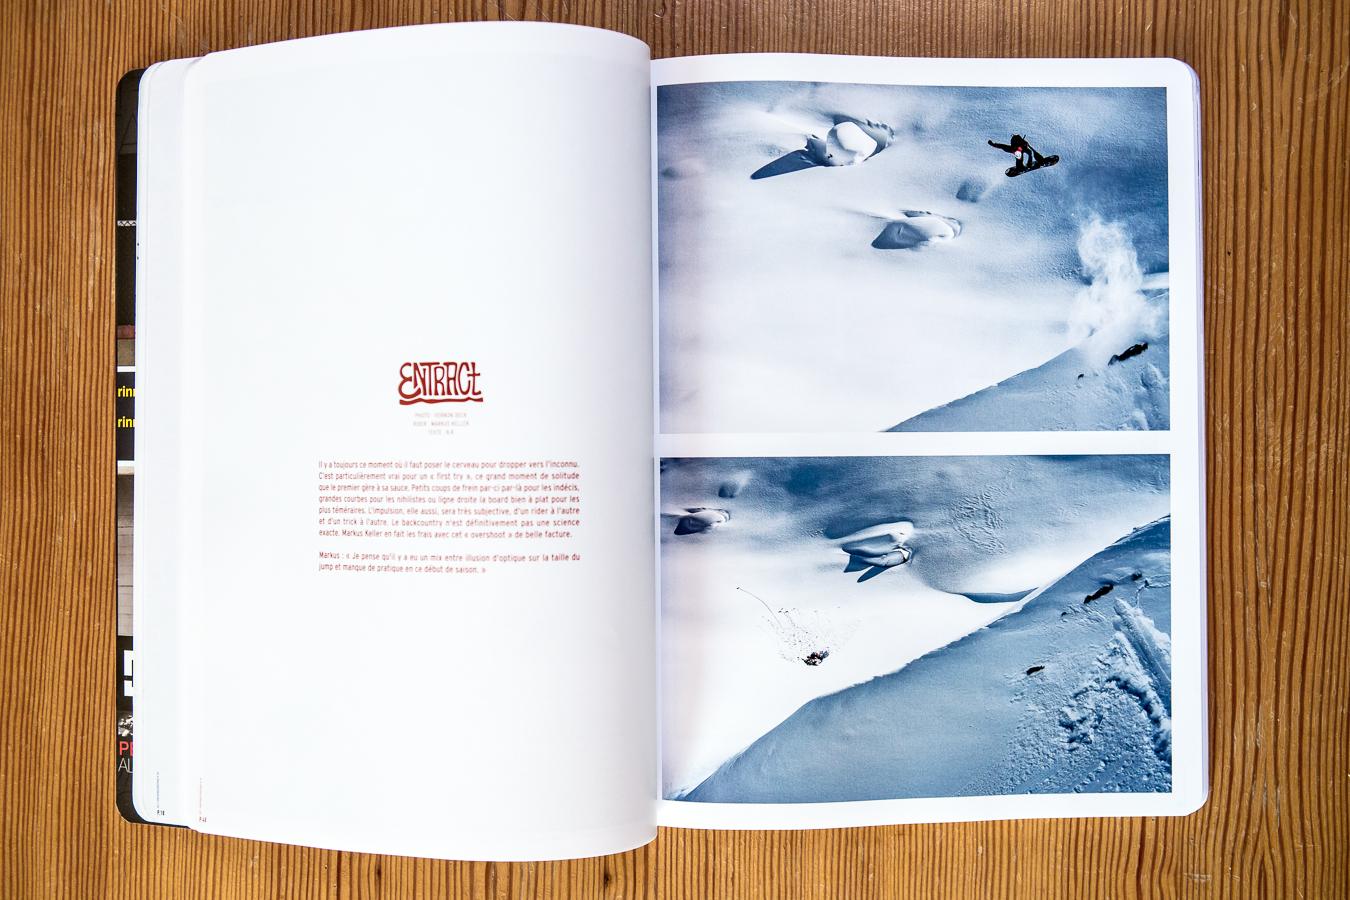 MarkusKeller_ACT_Snowboarding_Overshoot_SilvanoZeiter.jpg